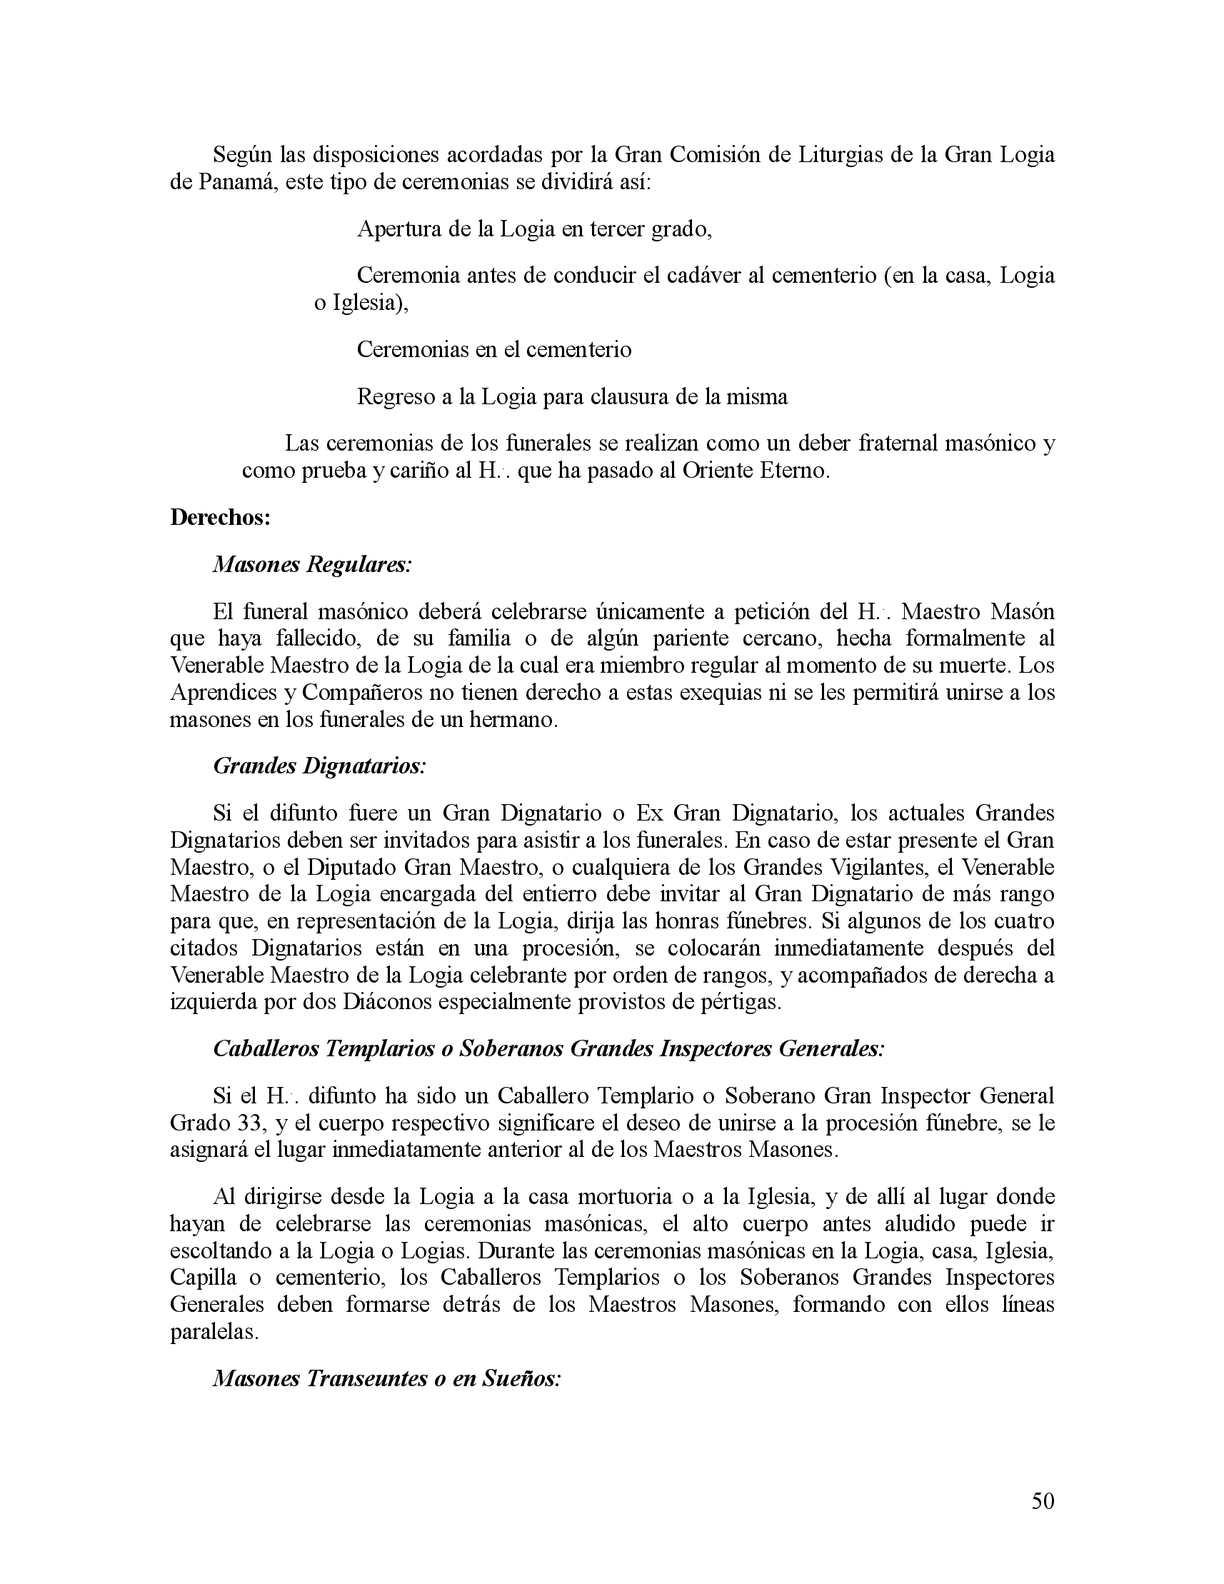 Manual De Etiqueta Y Protocolo Masonico - CALAMEO Downloader